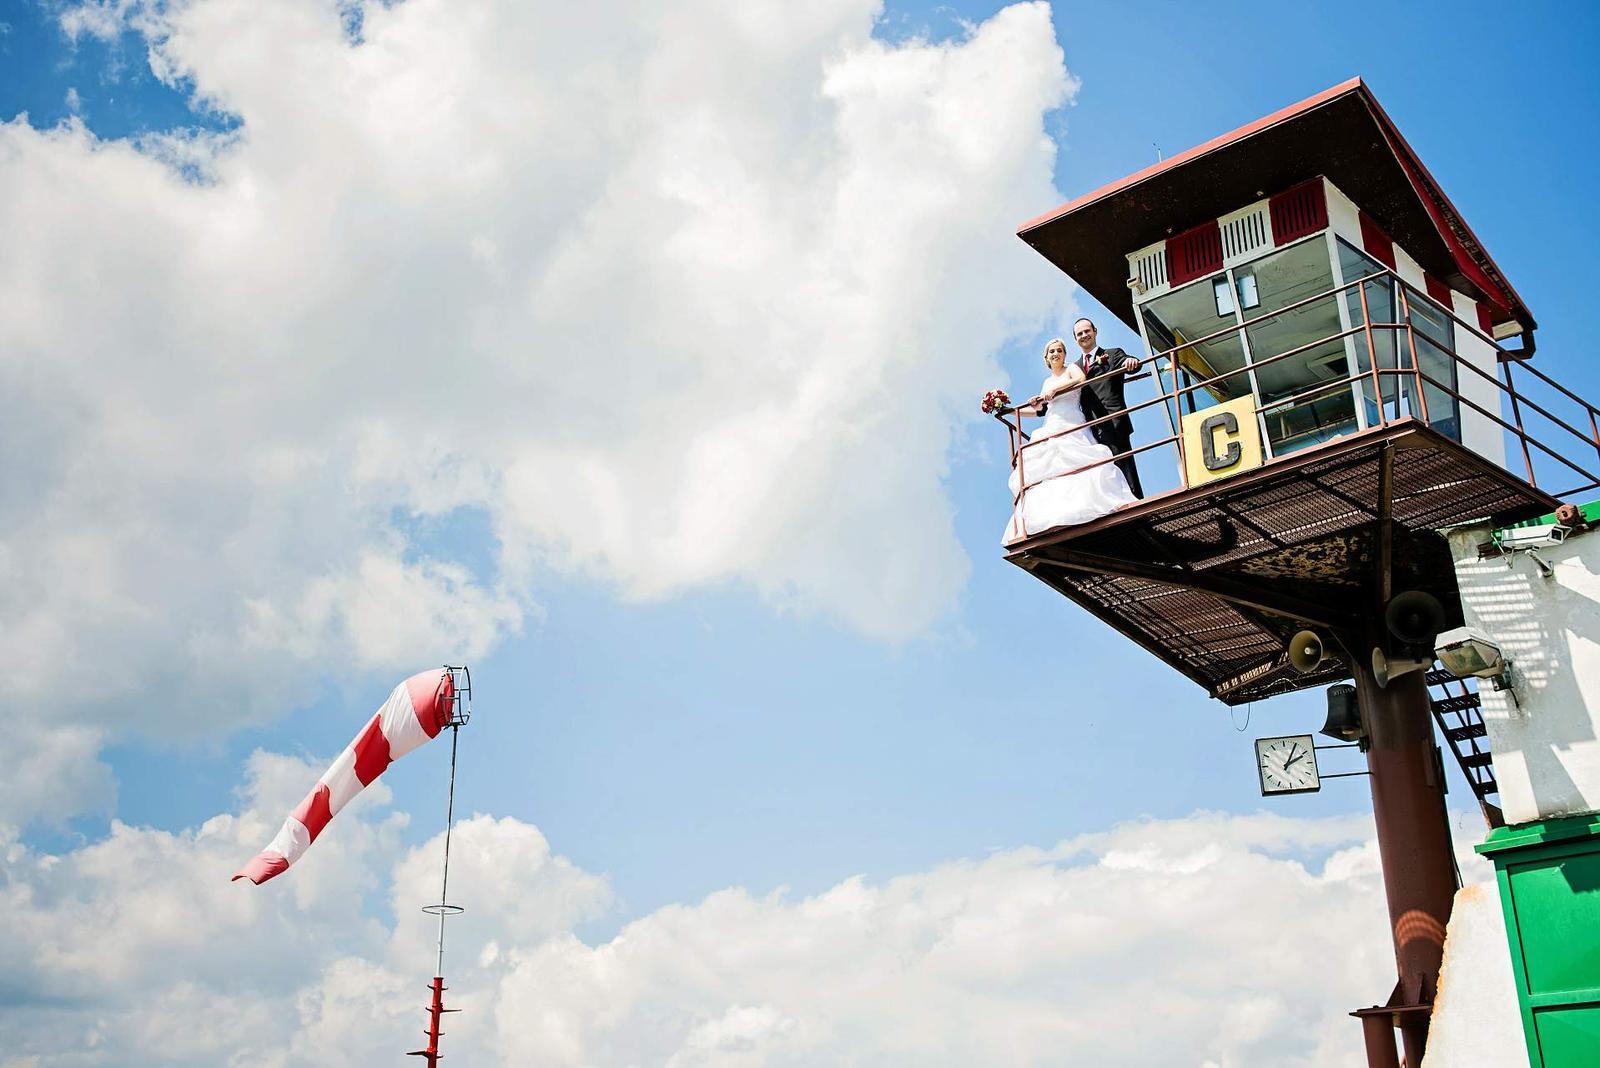 Jitka{{_AND_}}Michal - Takový malý výšlap na řidící věž, samozřejmě bez bot....